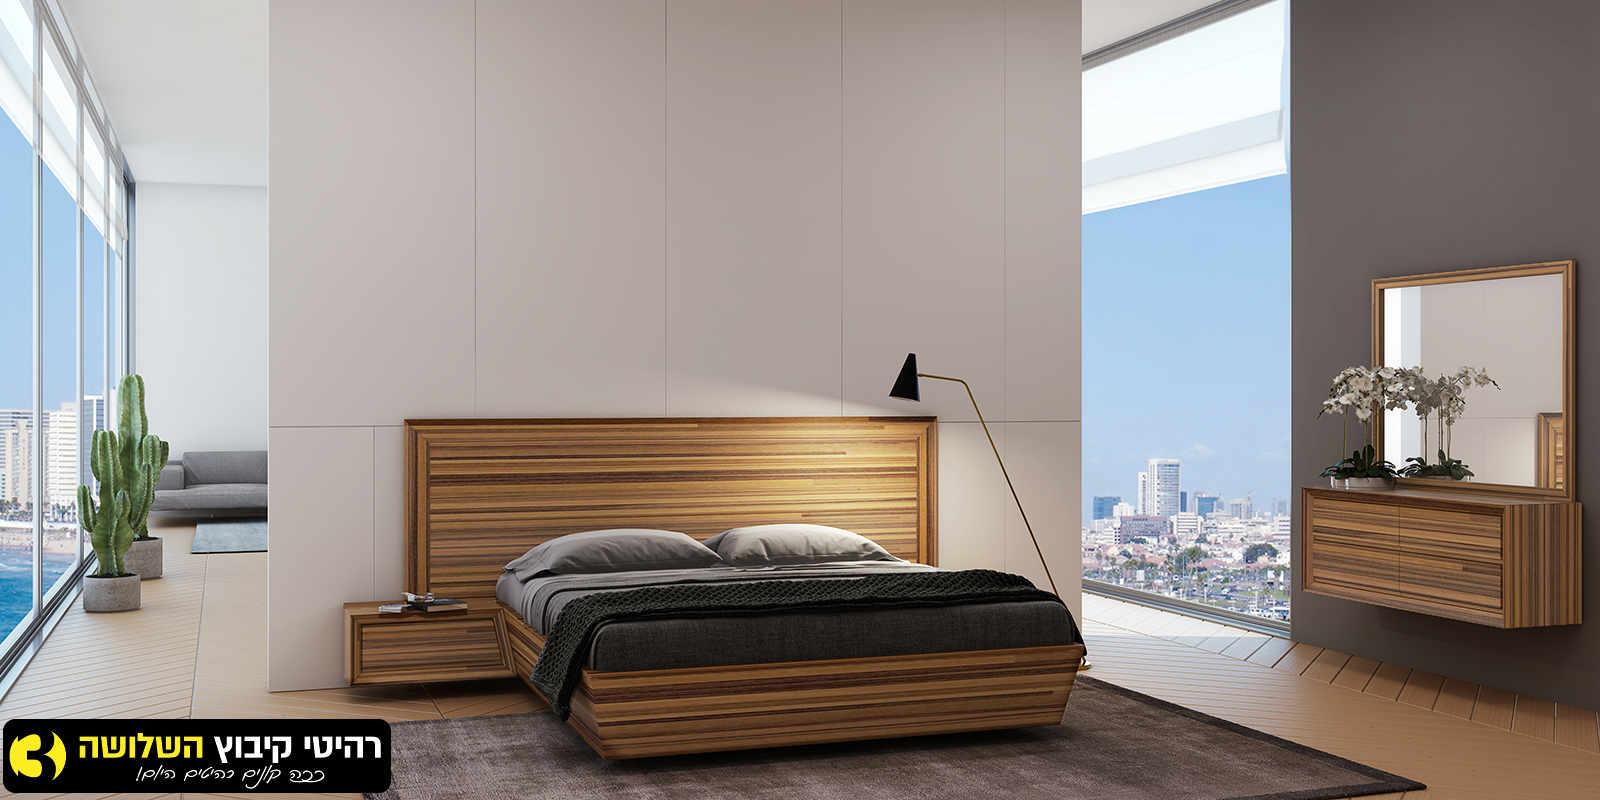 חדר שינה מעוצב מוזה